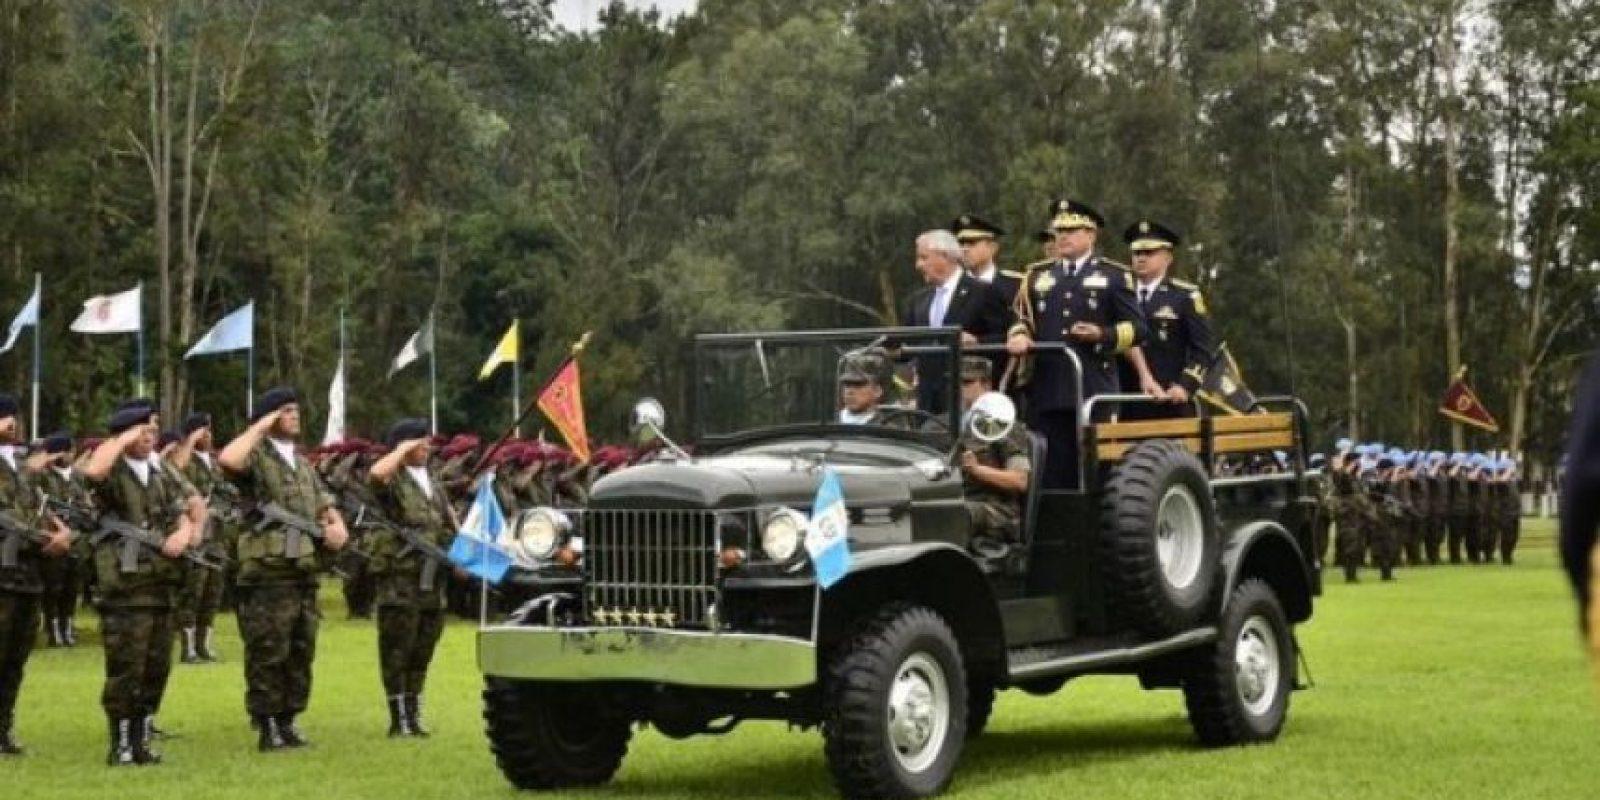 Brigadas. Otto Pérez presenta nuevo grupo especial para reforzar la seguridad El Ejército cuenta con dos nuevos frentes, la Brigada de In- fantería de Marina, para defender los pasos del mar hacia las costas, y la Brigada de Operaciones de Montaña, para resguardar el paso entre México y San Marcos. En la foto, el Presidente saluda al Ejército de Guatemala.